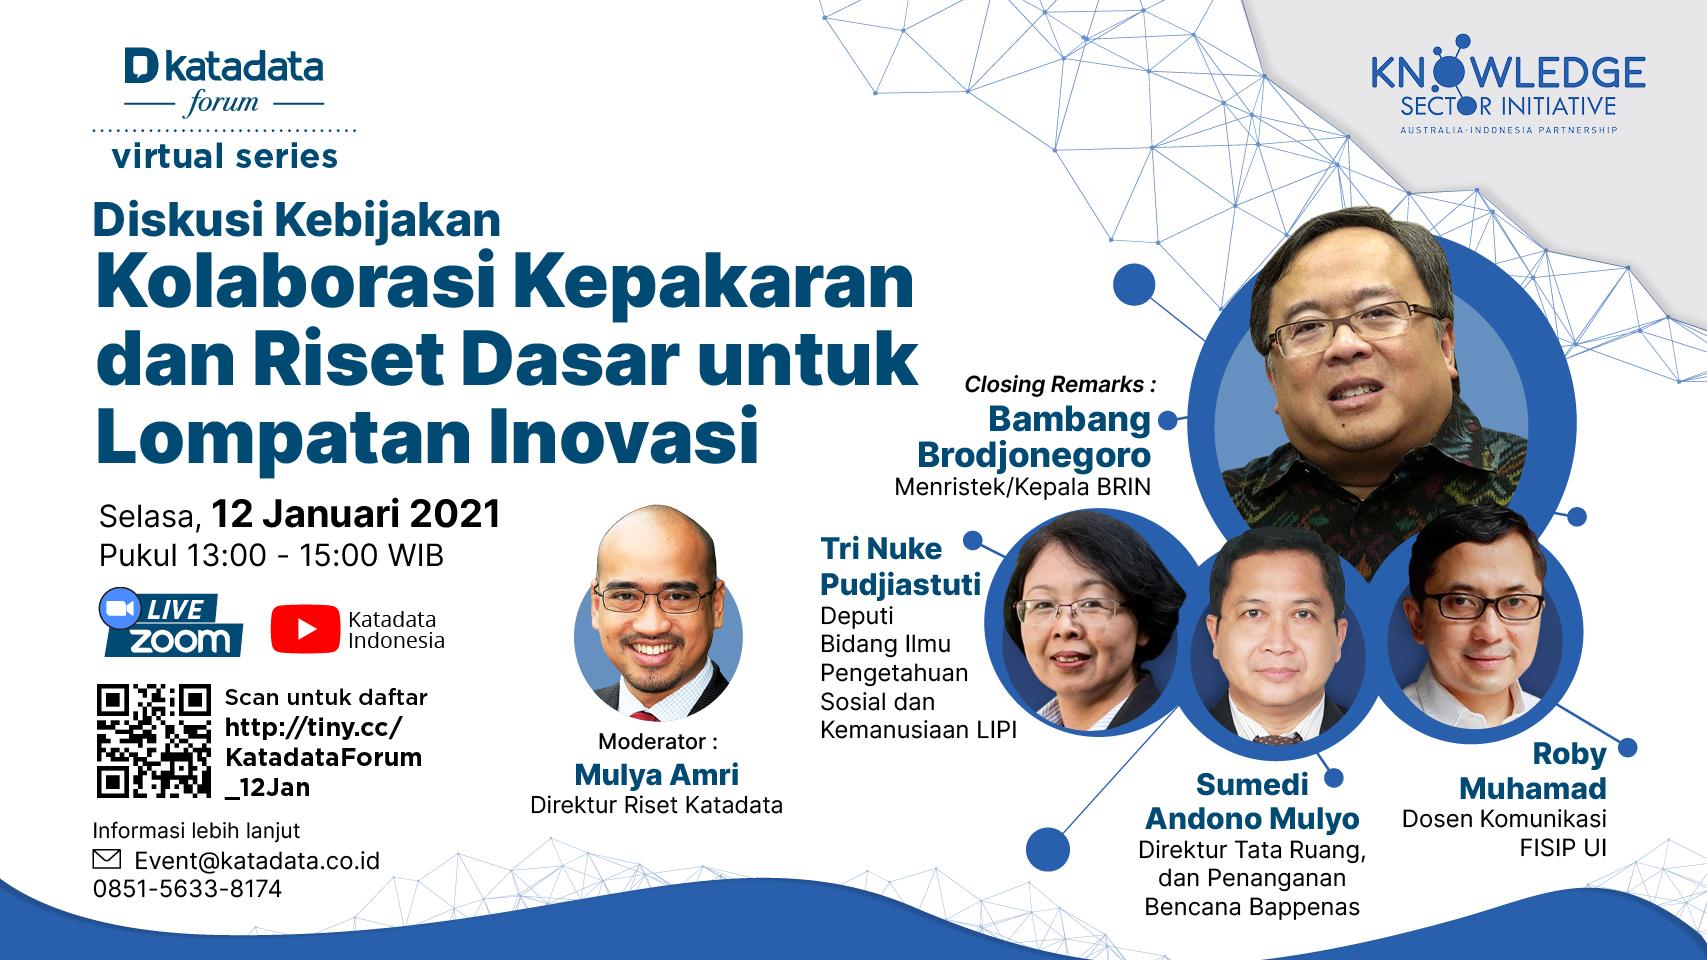 Diskusi Kebijakan: Kolaborasi Kepakaran dan Riset Dasar untuk Lompatan Inovasi